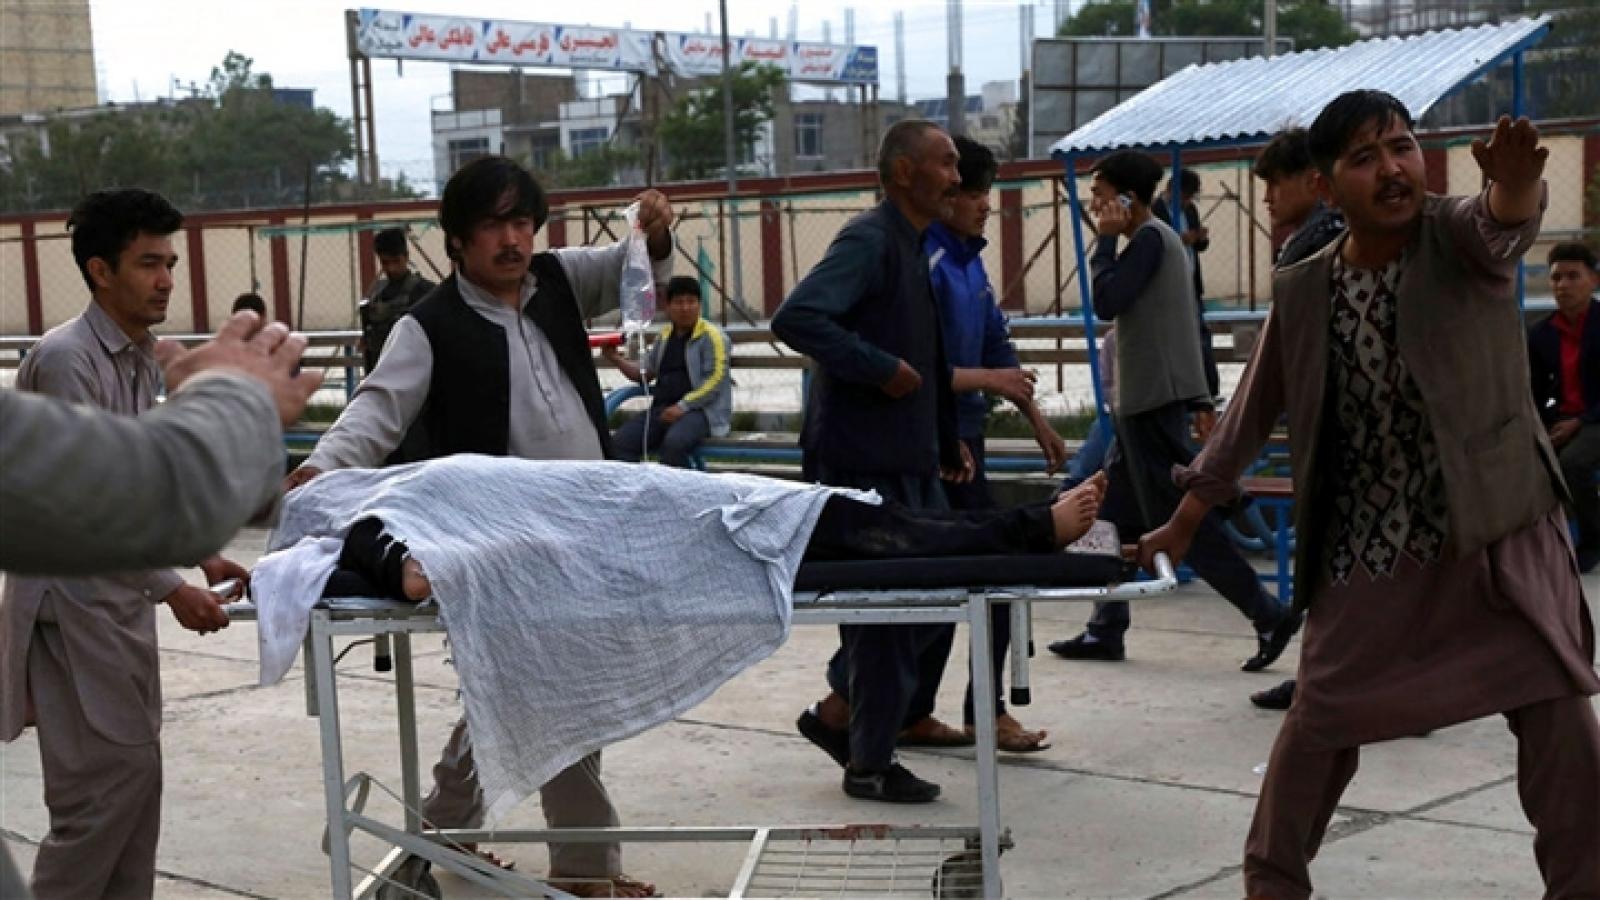 Đạn cối bắn trúng nhà dân khiến 6 người thiệt mạng ở Afghanistan